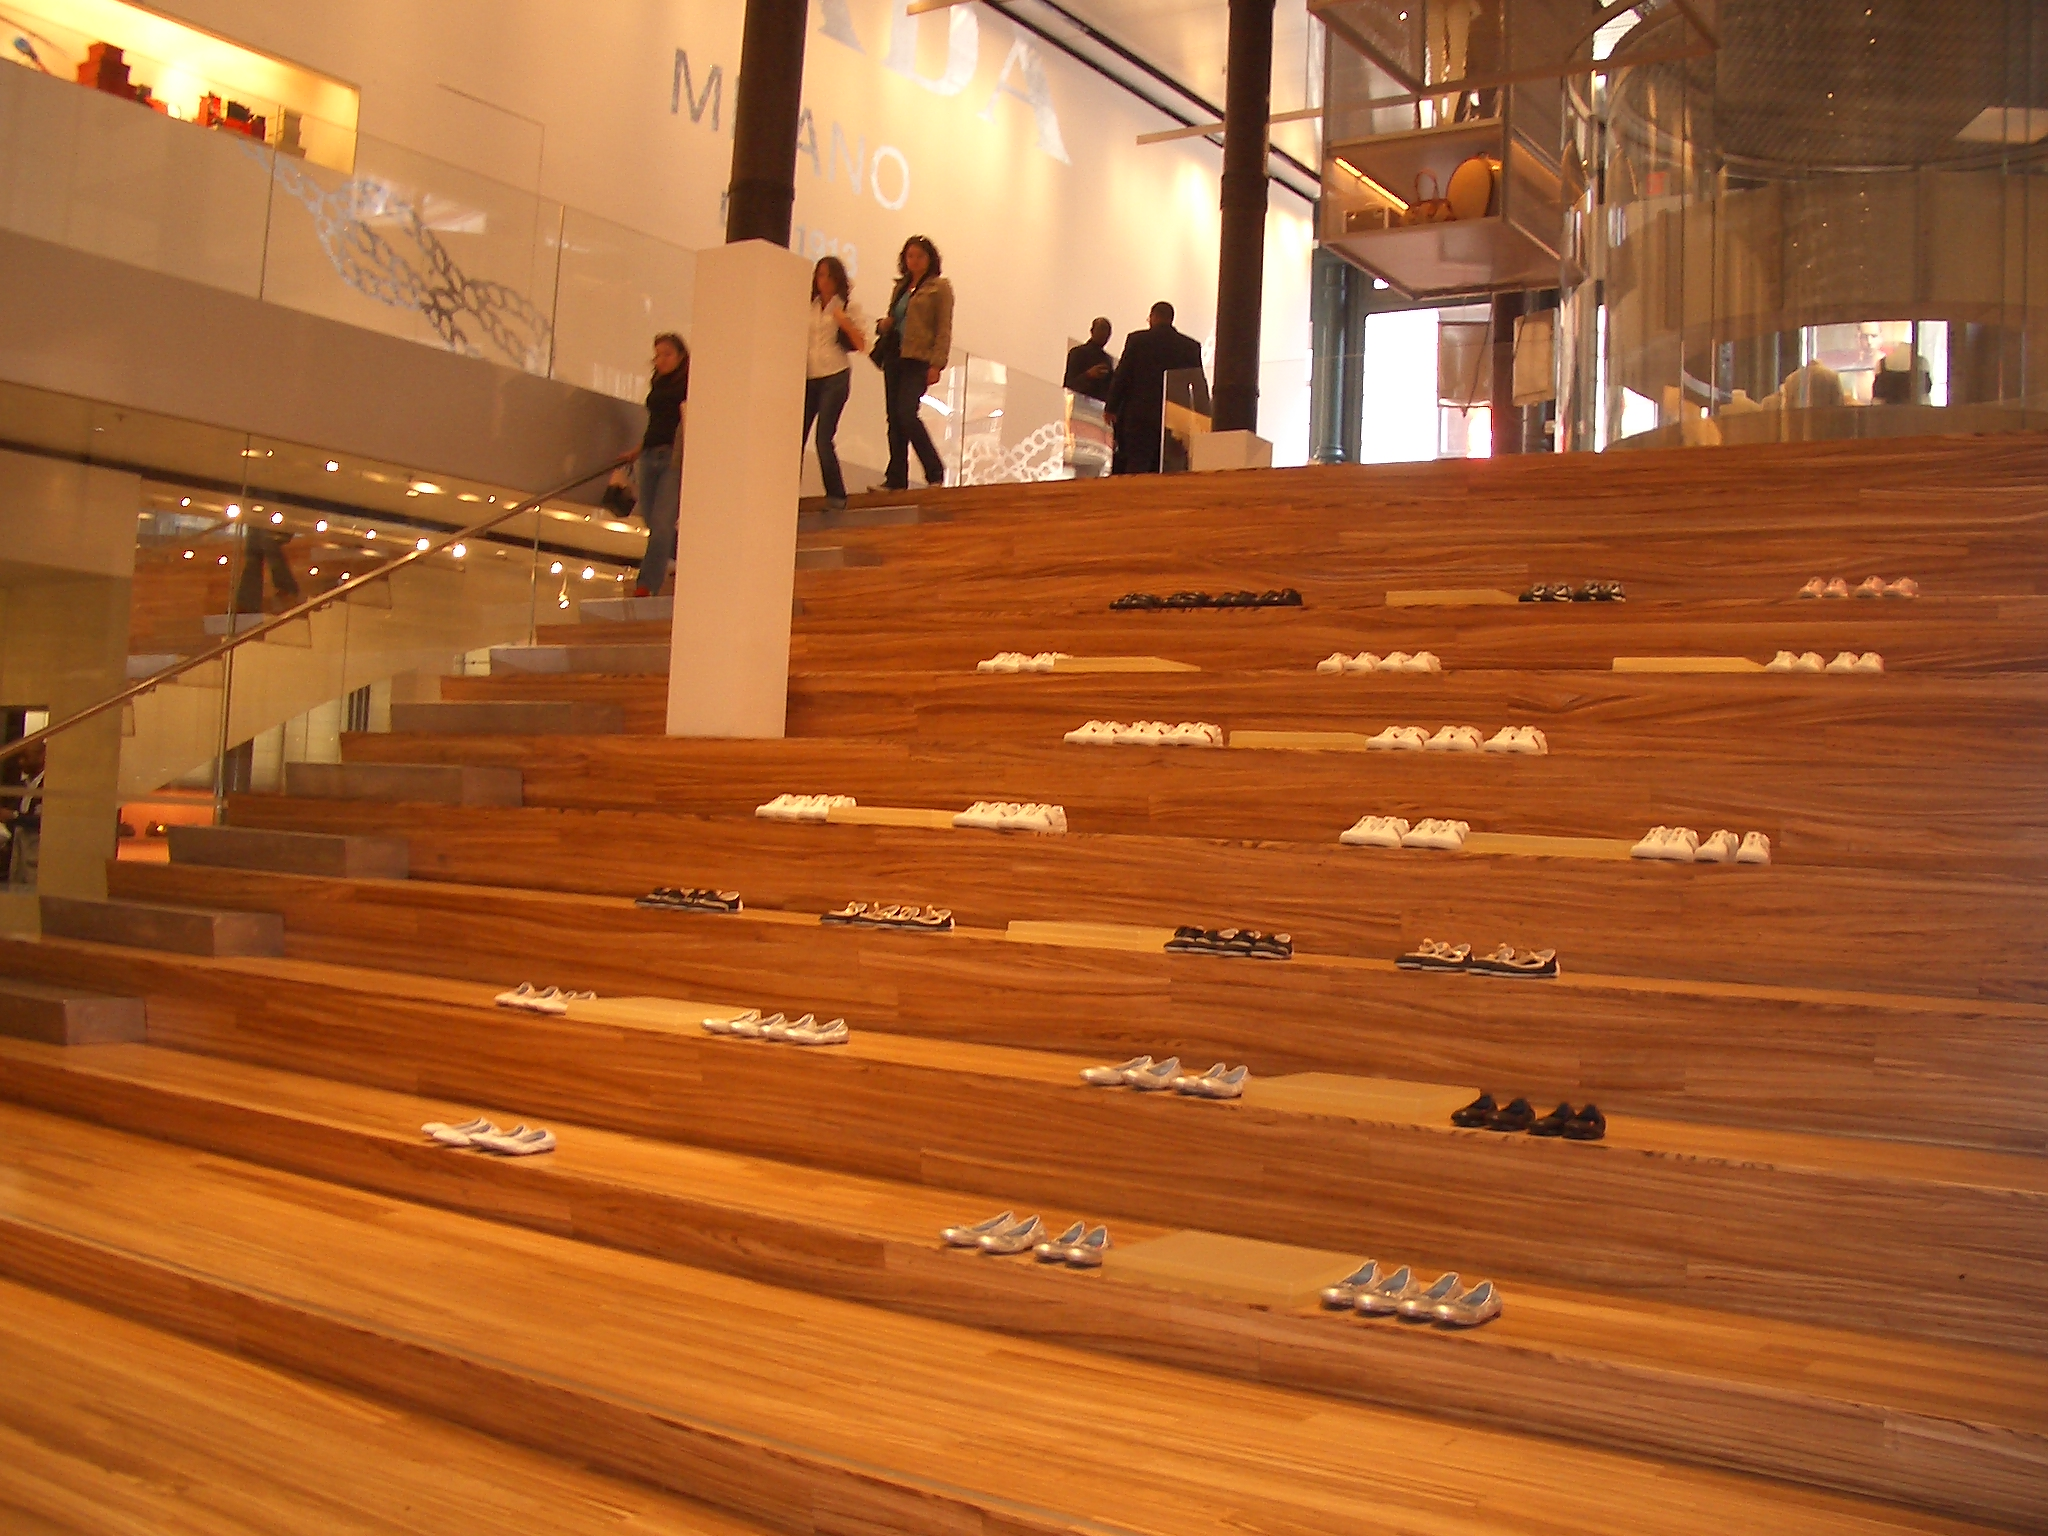 Nueva York (Estados Unidos) - Tienda de Prada en elSoho